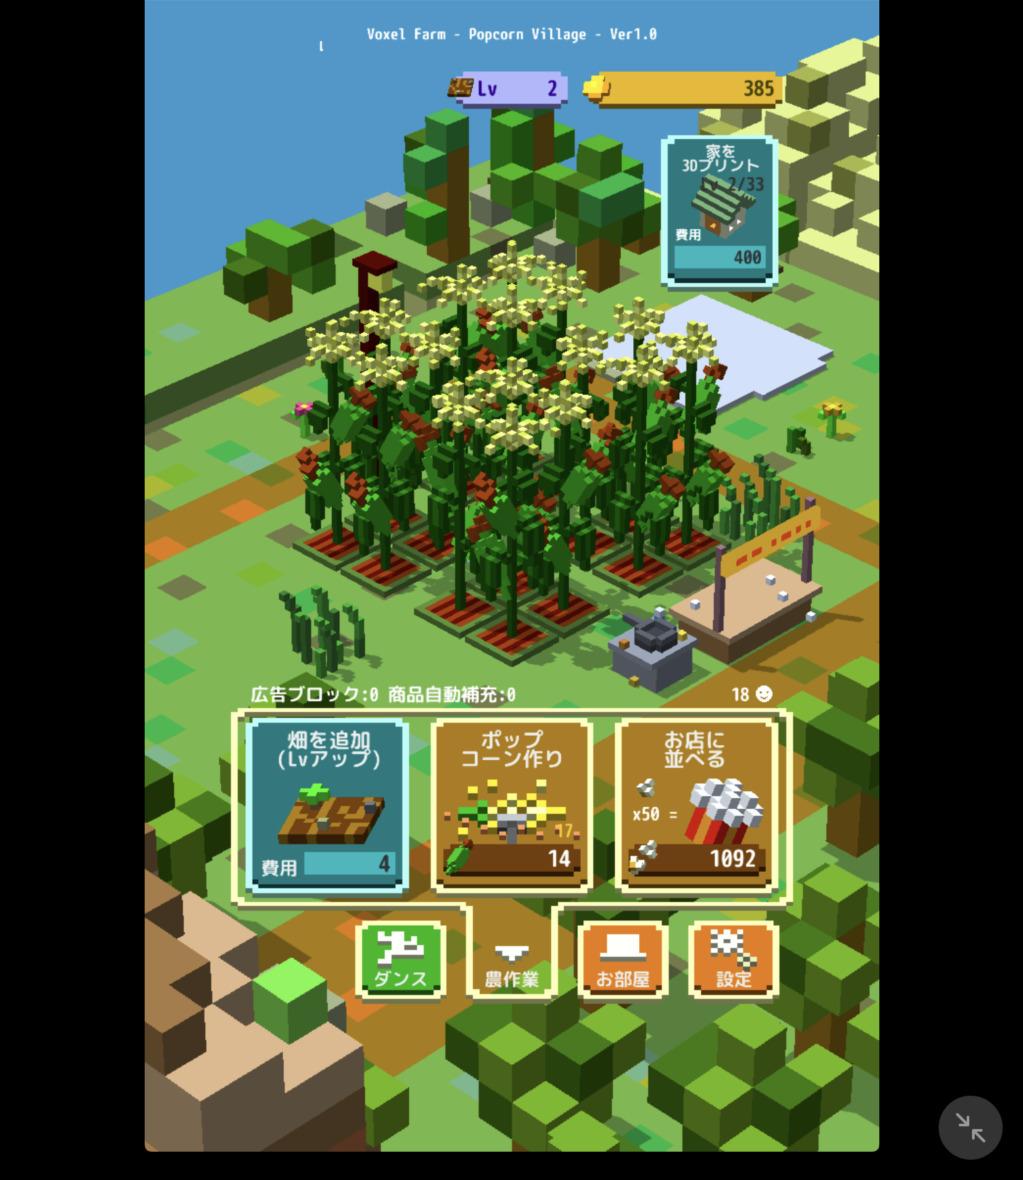 ポップコーン農場経営、種まき